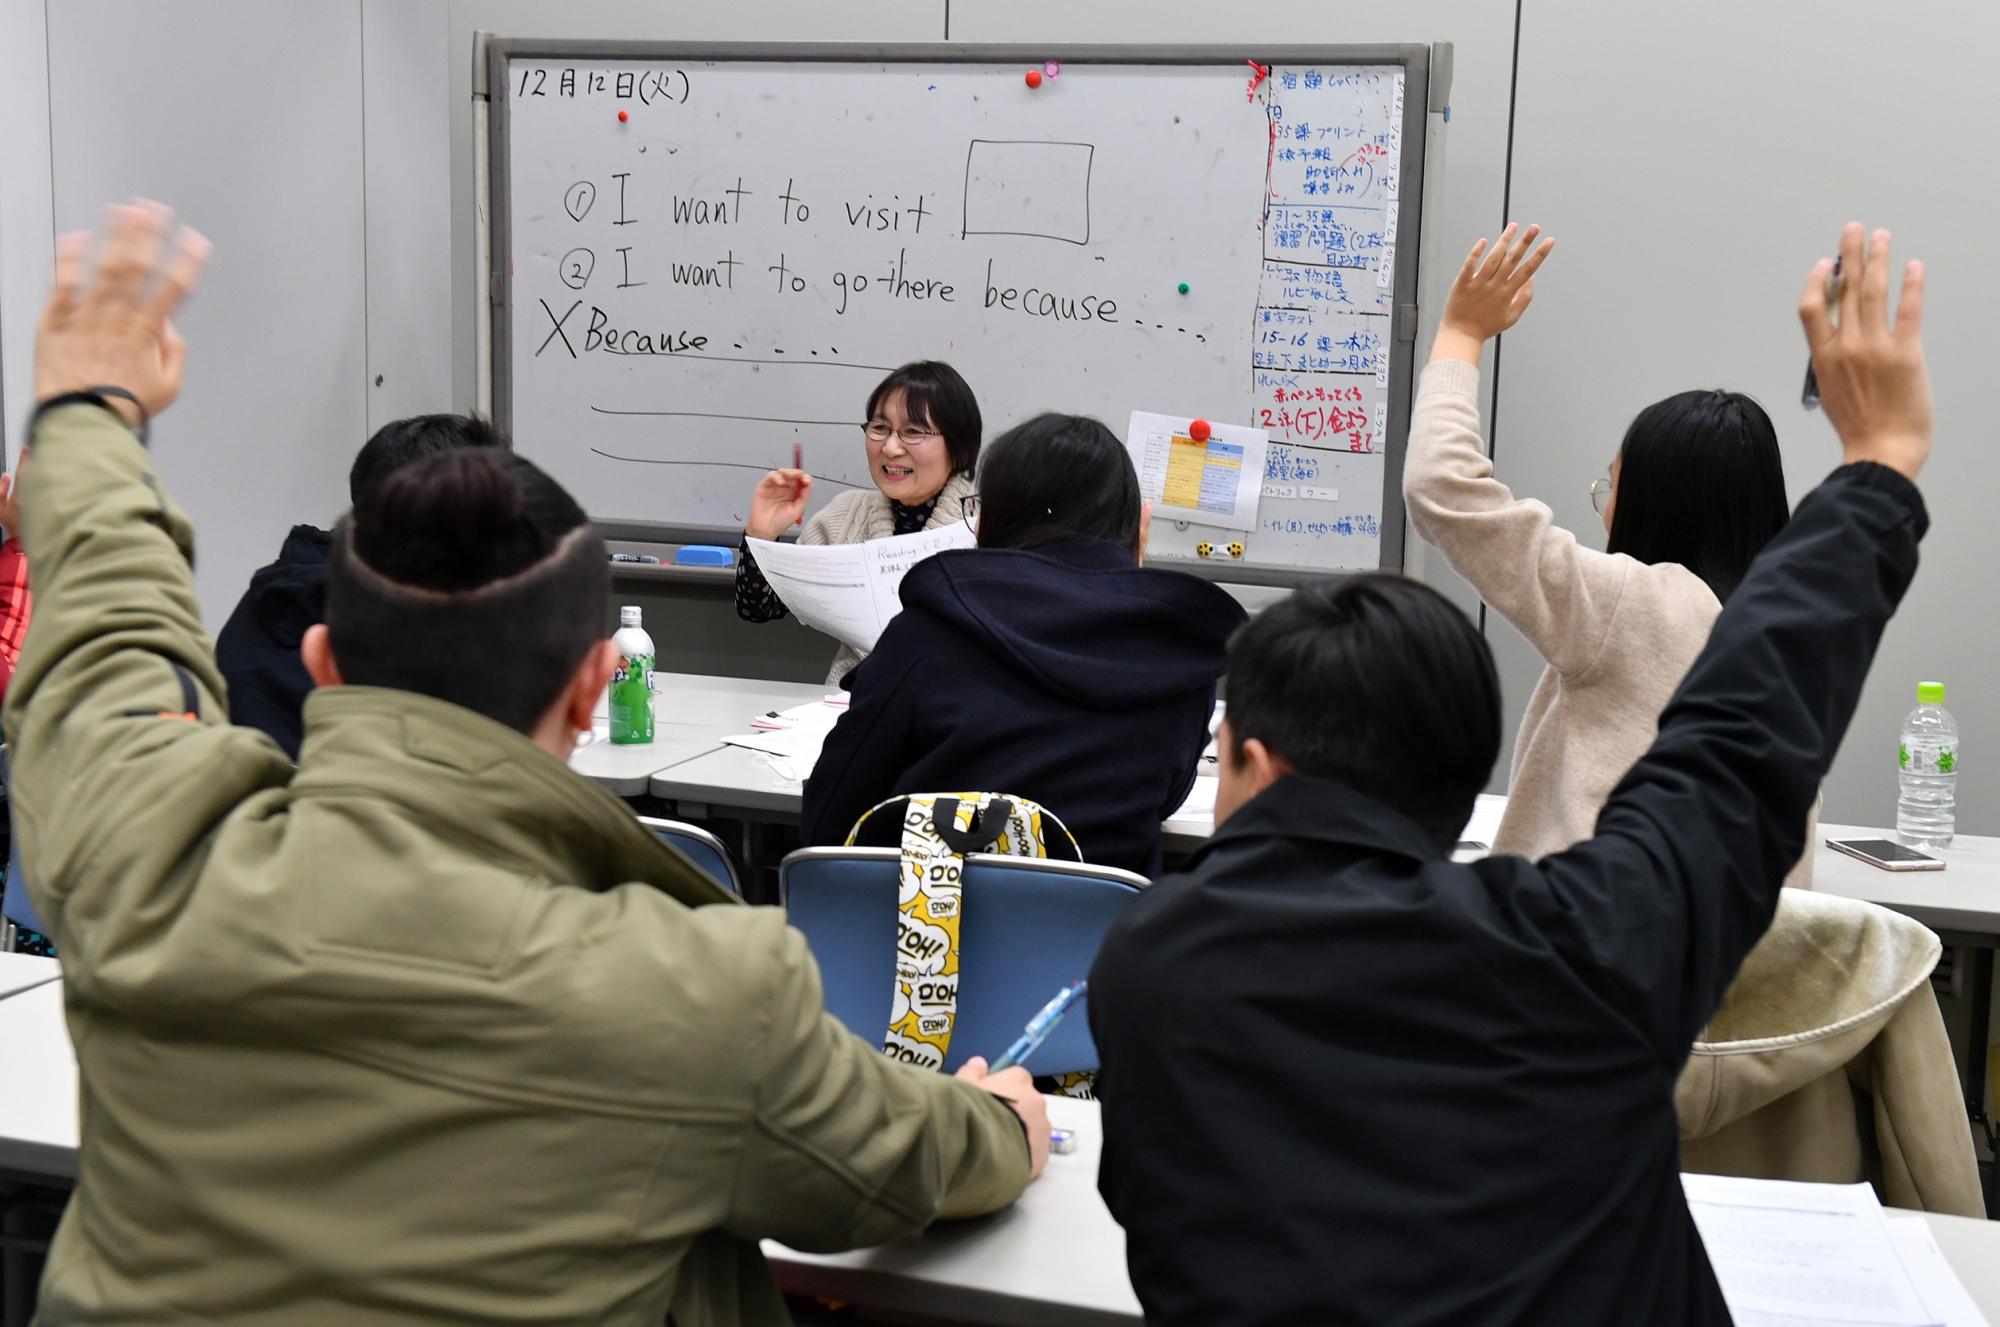 जापानमा रहेका बिदेशी कामदार, विद्यार्थी र बालबालिकाको लागि जापानी भाषा सिक्न सहज बन्ने